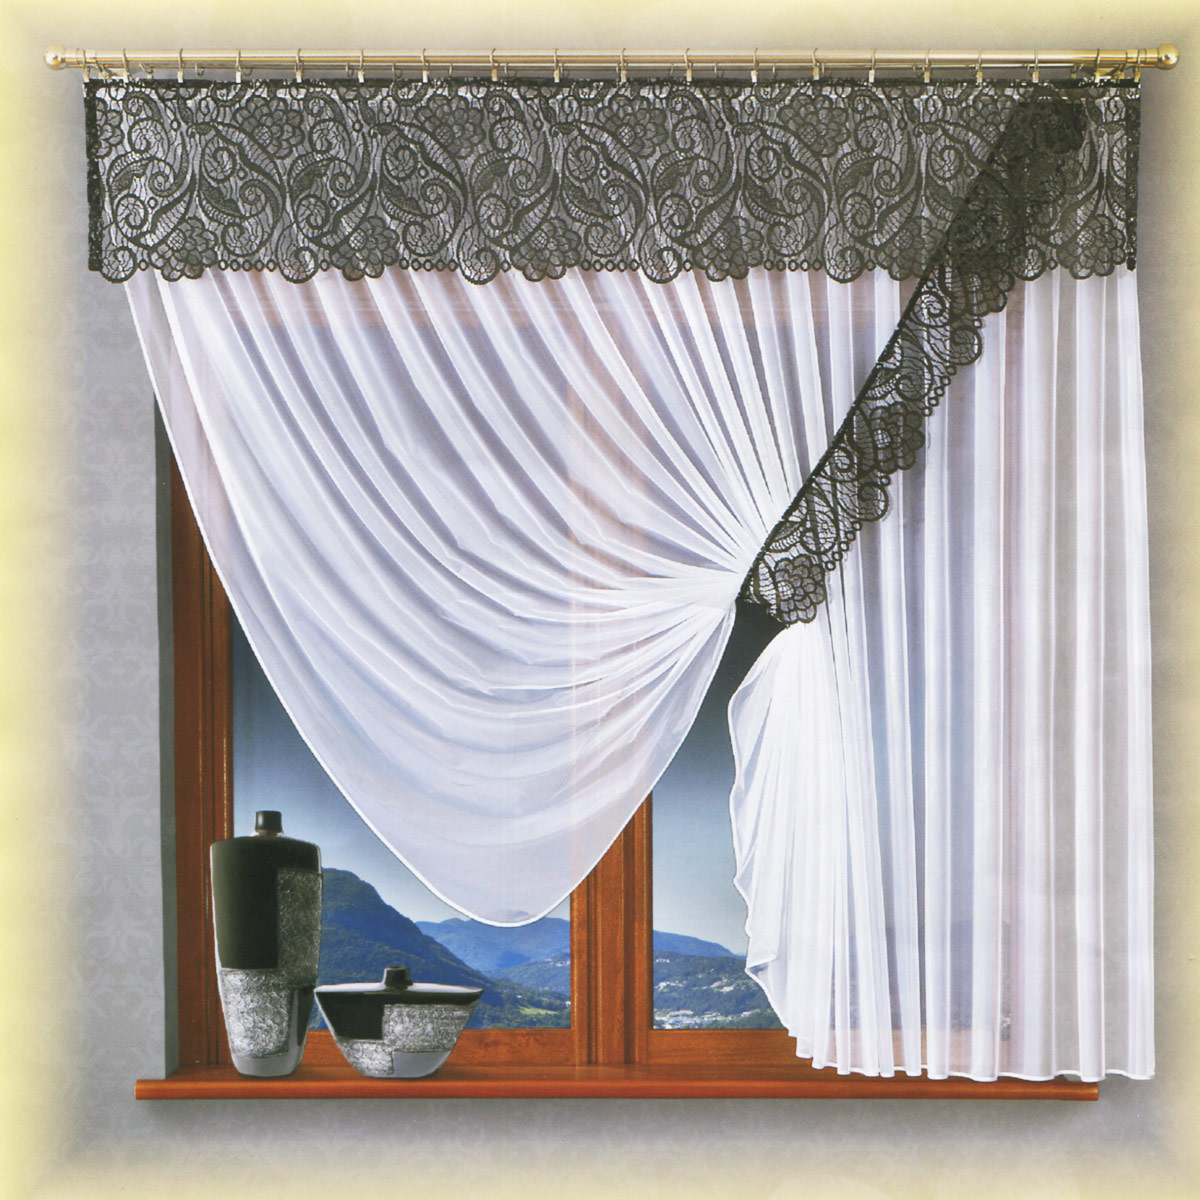 Комплект штор Wisan Benita, на ленте, цвет: белый, графит, высота 180 см100-49000000-60Роскошный комплект штор Wisan Benita, выполненный из полиэстера, великолепно украсит кухонное окно. Комплект состоит из тюля, ламбрекена и подхвата. Тюль выполнен из полупрозрачной ткани. Кружевной ламбрекен выполнен из полиэстера. Подхват выполнен из ажурной ткани в цвет ламбрекена. Нежная воздушная текстура, оригинальный дизайн и нежная цветовая гамма привлекут к себе внимание и органично впишутся в интерьер комнаты. Все предметы комплекта - на шторной ленте для собирания в сборки.